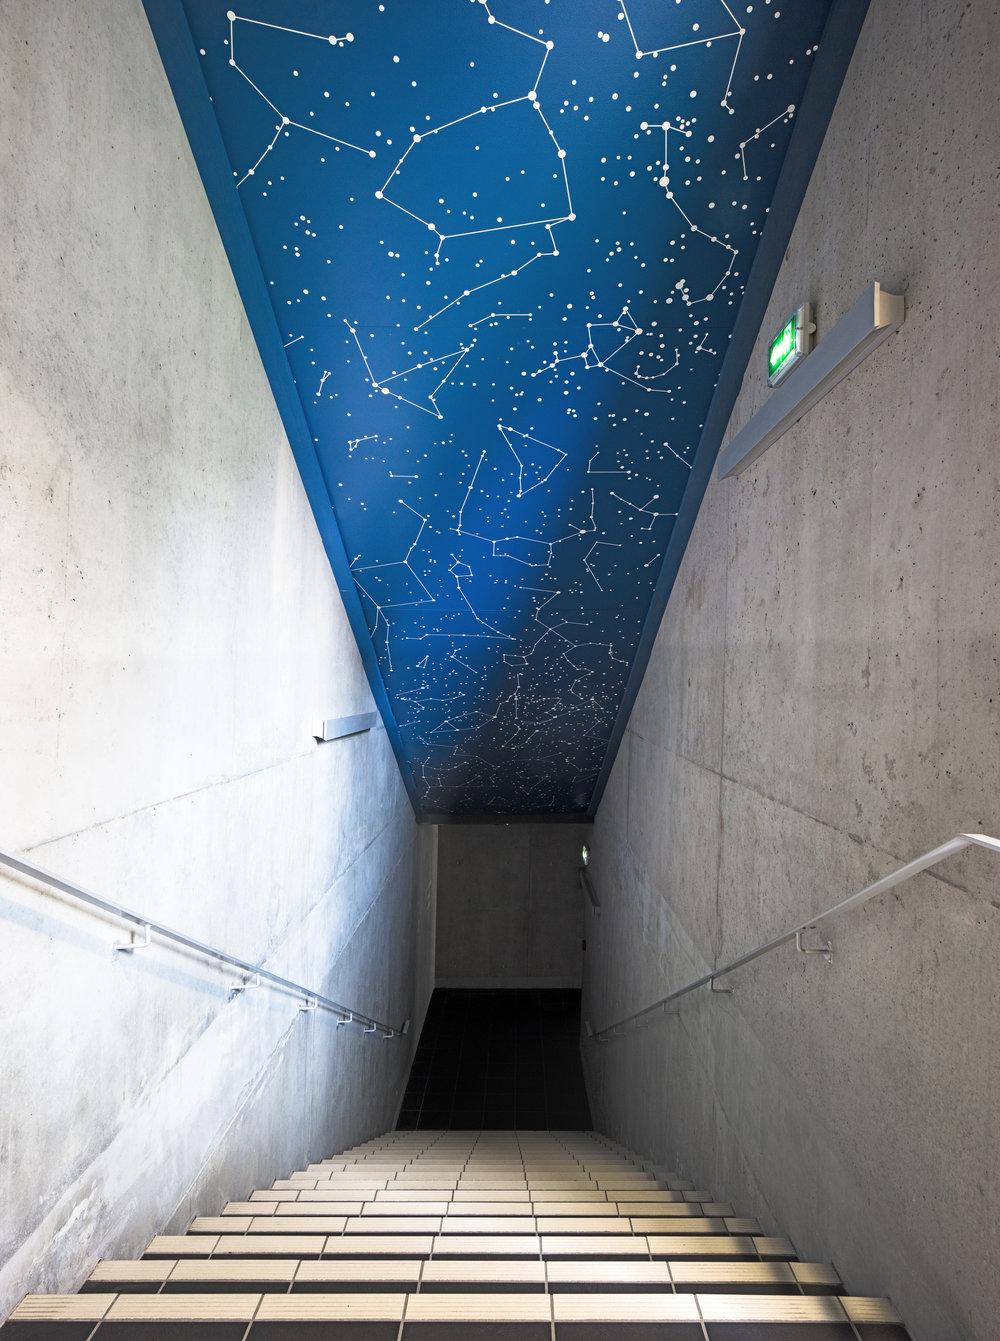 Nocturne Silencieuse by Etienne de Fleurieu, peinture sur plafond